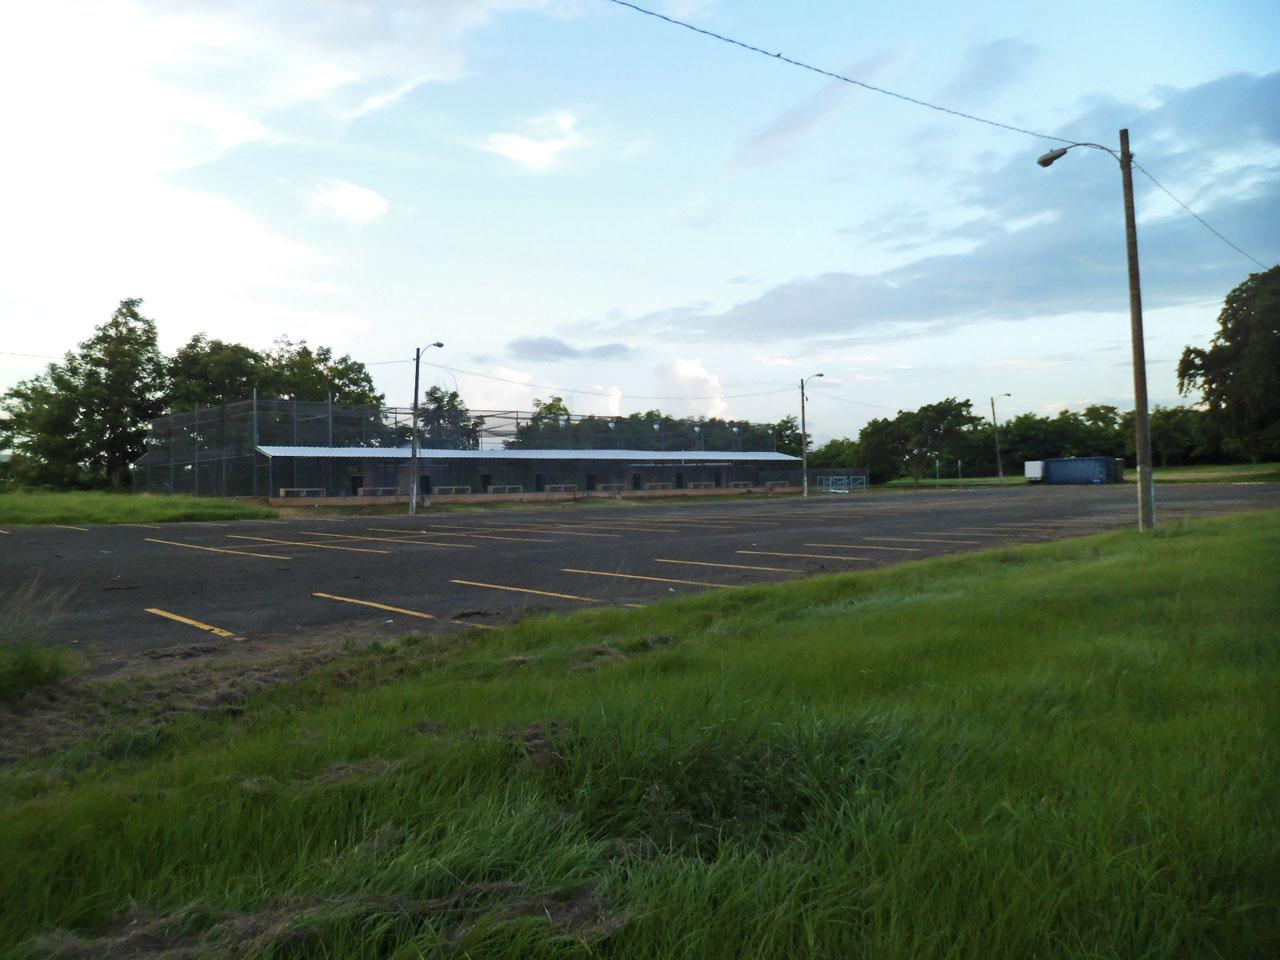 Campo de bateo de la Ciudad Deportiva Roberto Clemente en Carolina, Puerto Rico.